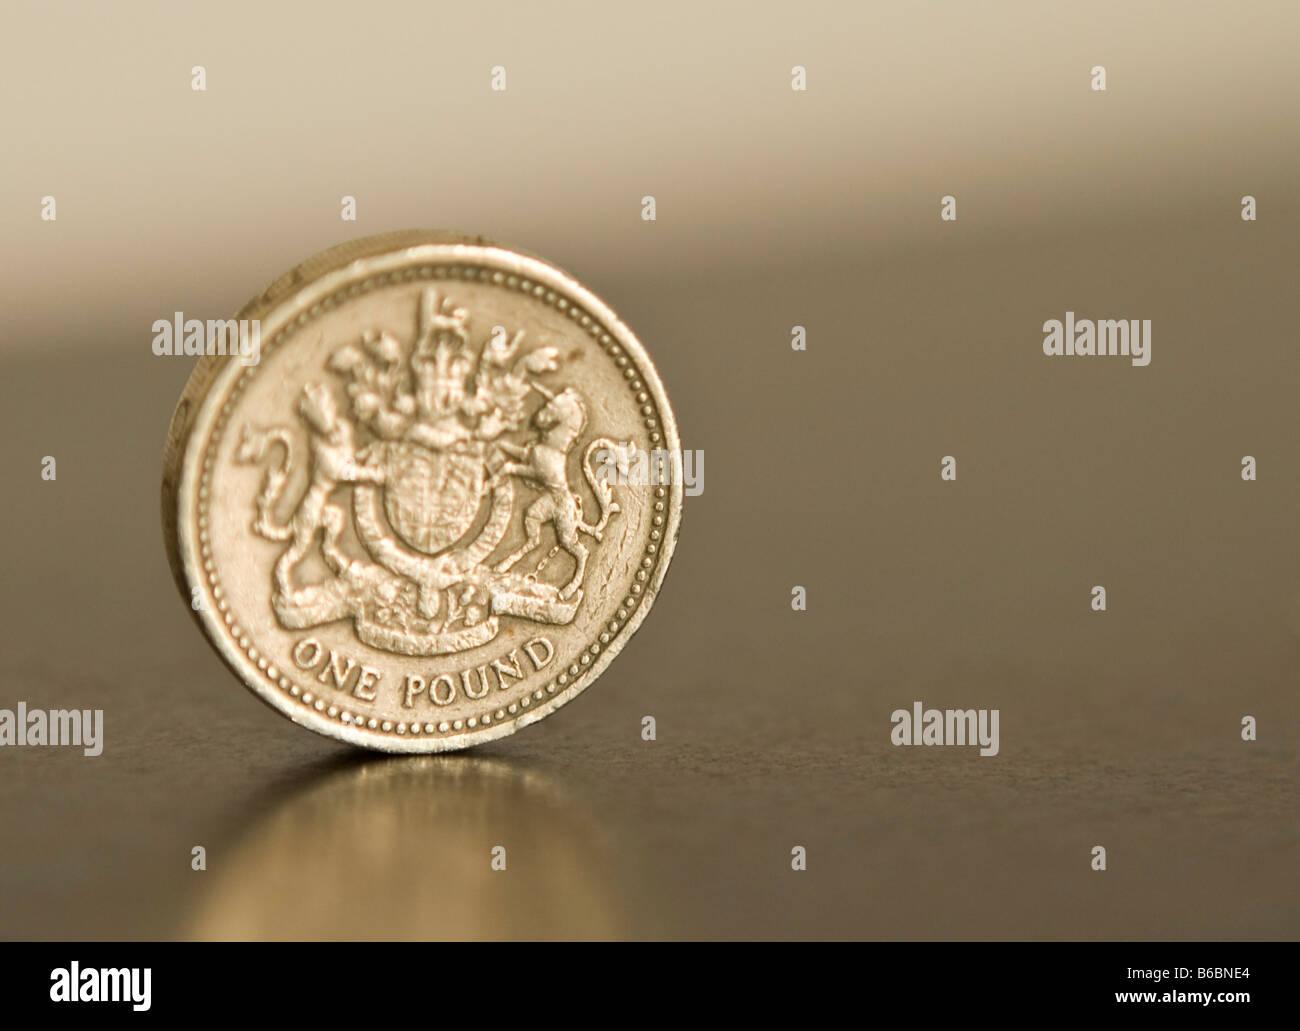 British Pound Coin Staged Photo Stock